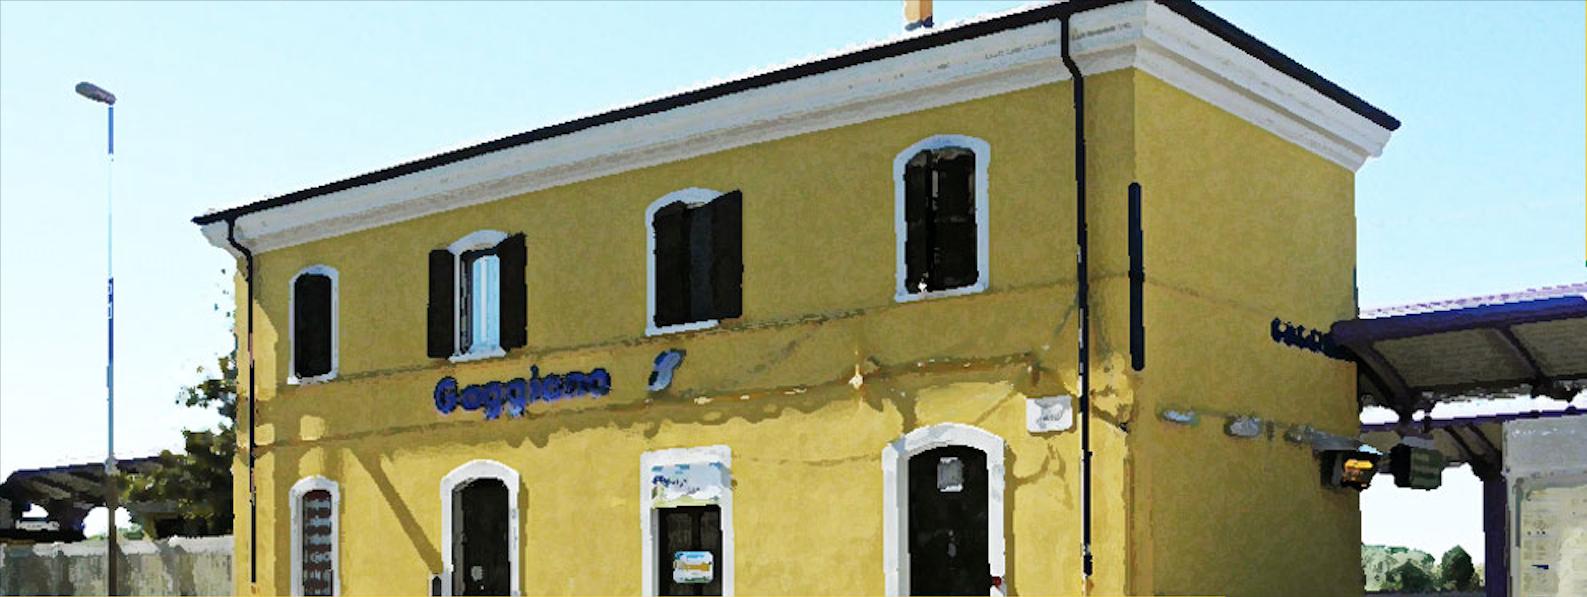 Parcheggio inutilizzato da 6 anni alla stazione di Gaggiano: interrogazione M5S.